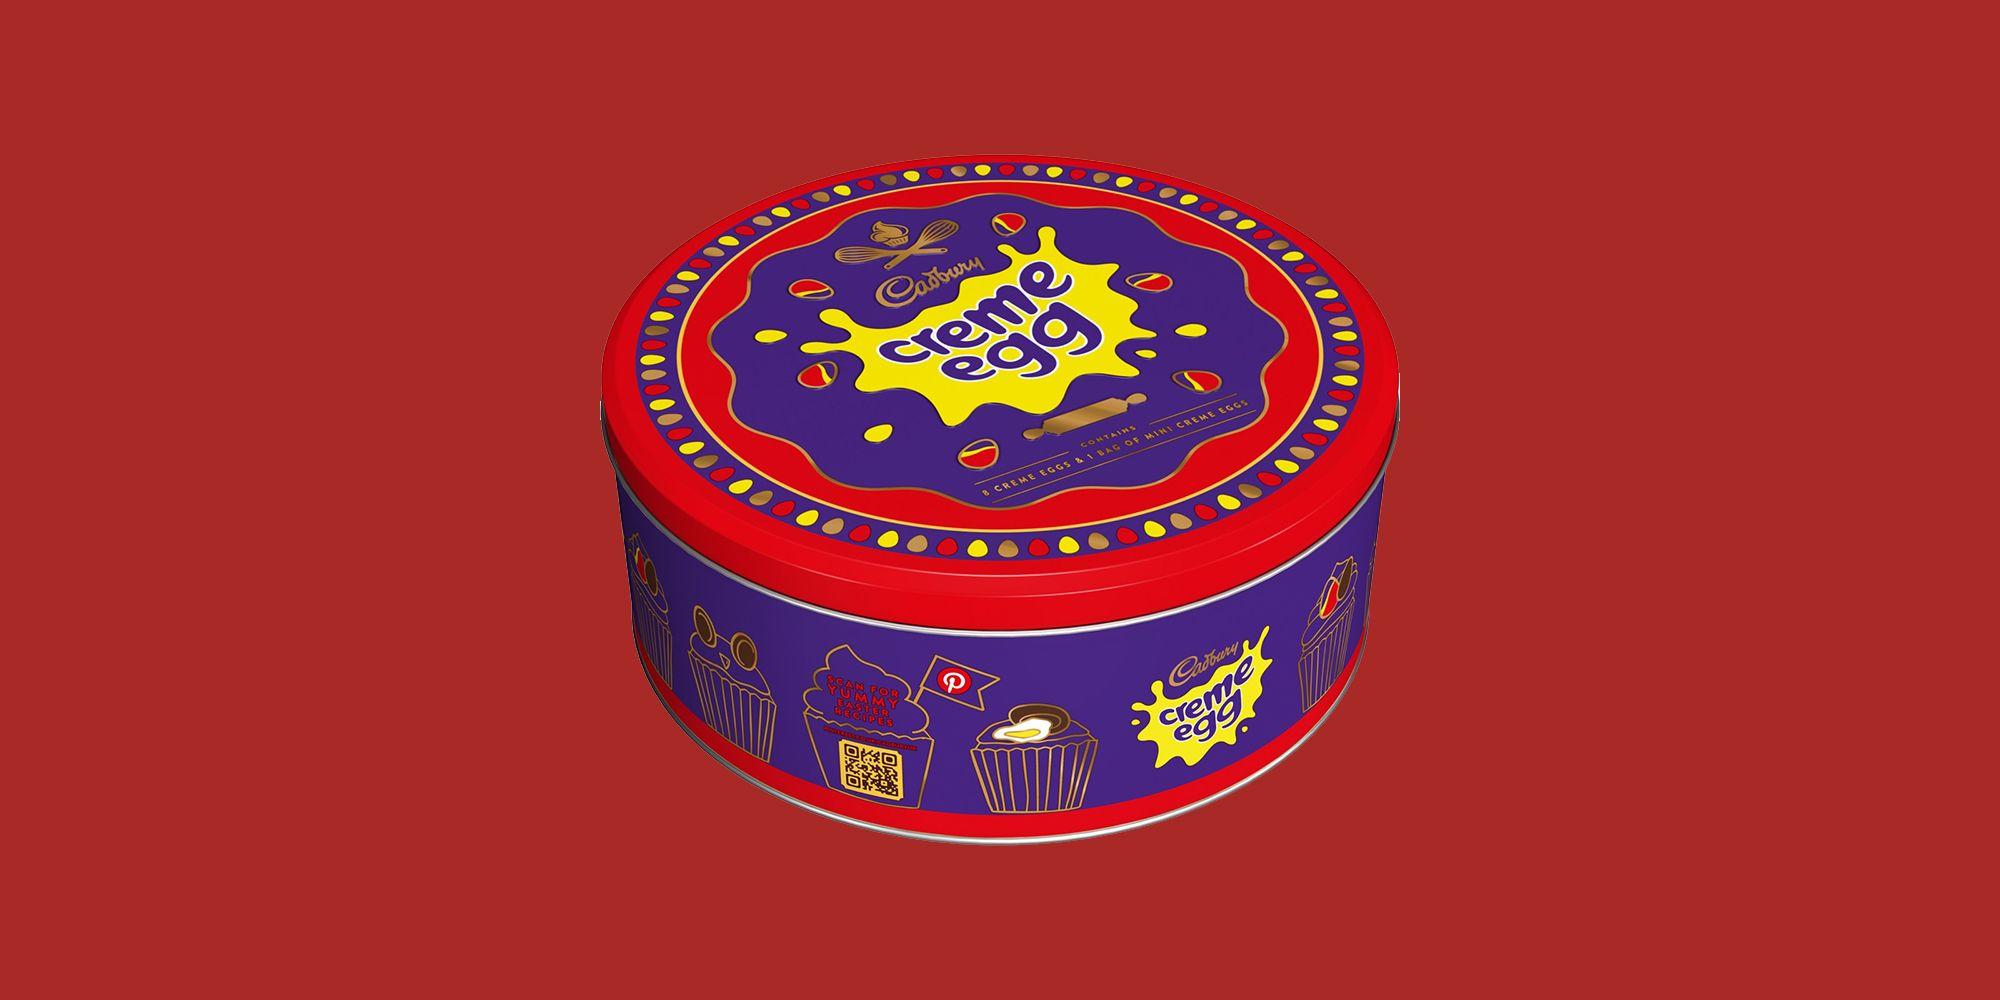 Cadbury Creme Egg Selection Tins are here